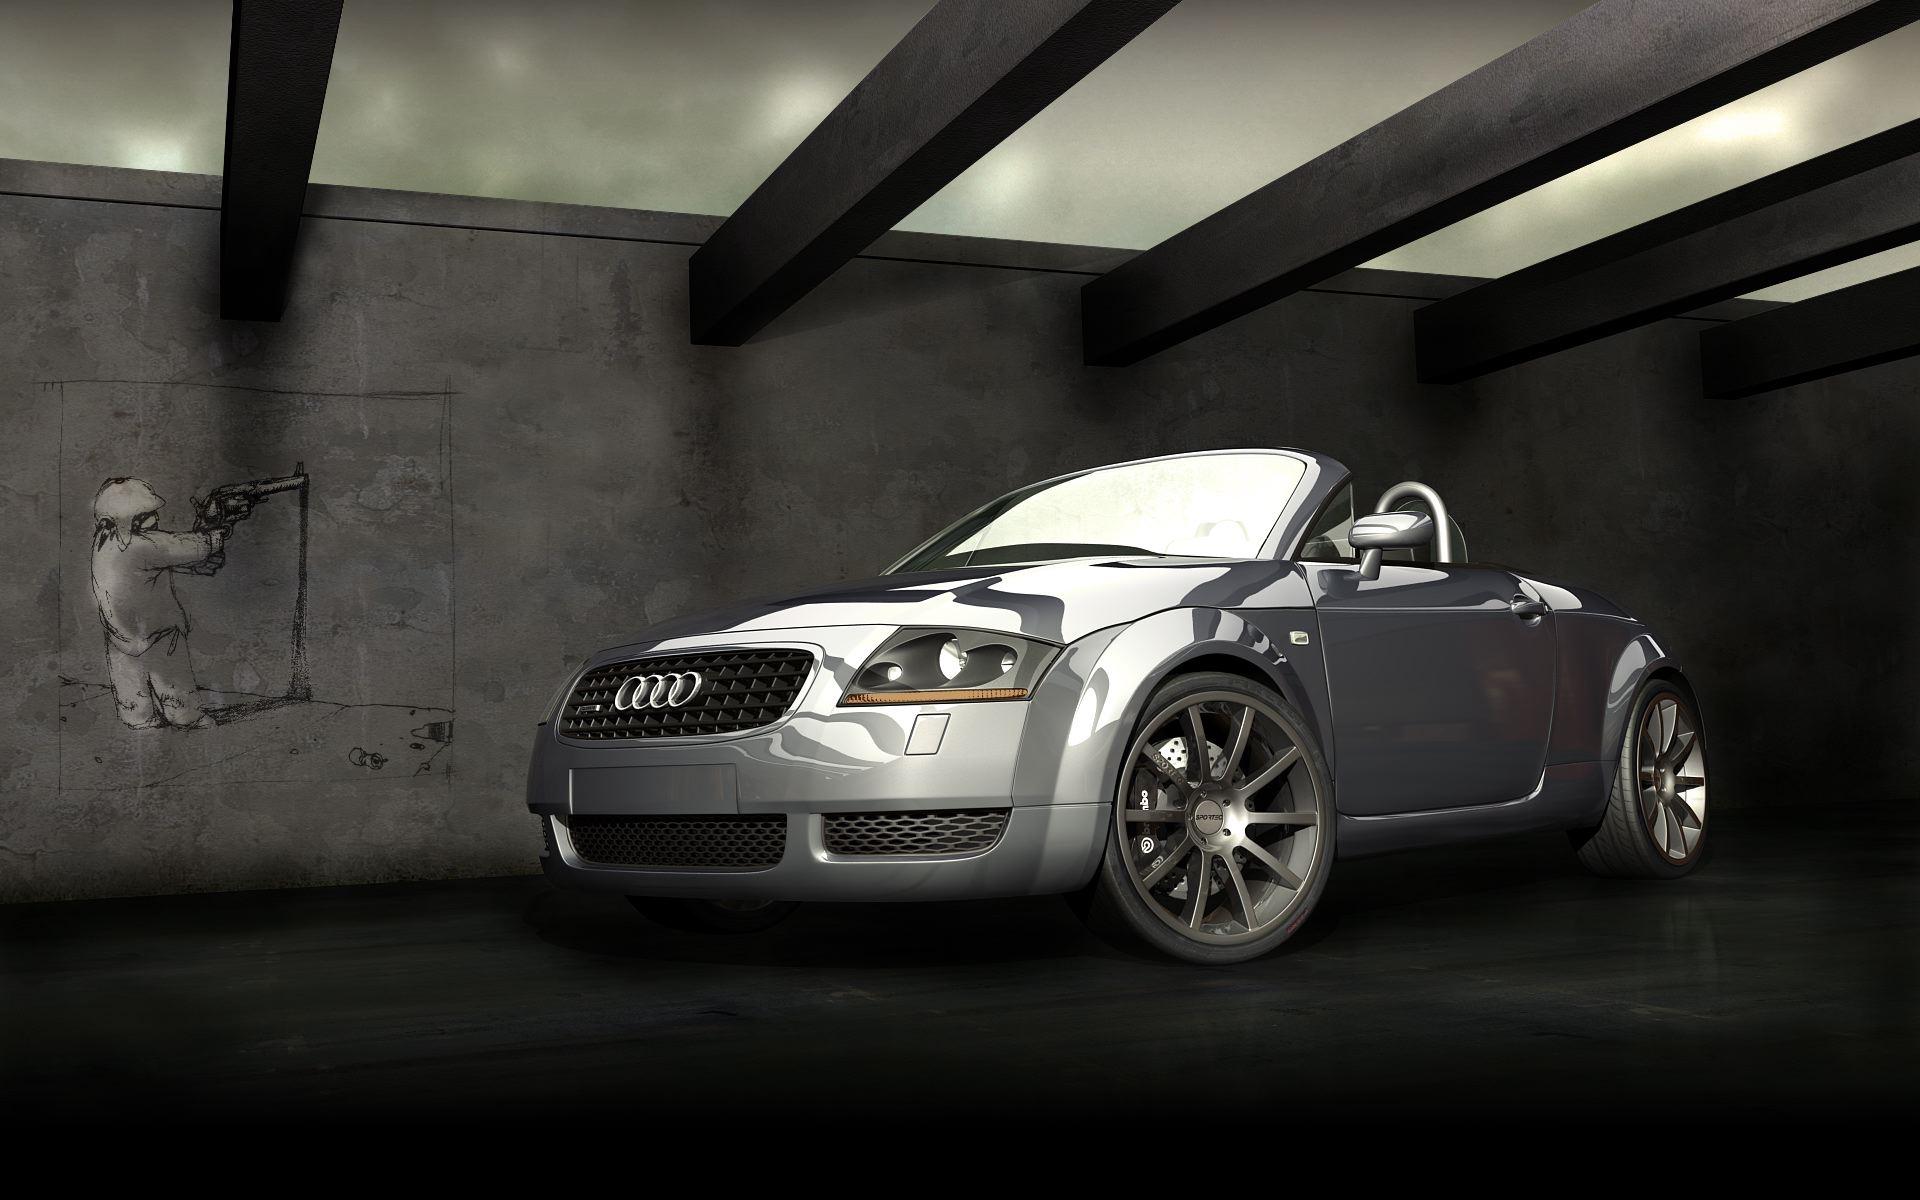 37594 télécharger le fond d'écran Transports, Voitures, Audi - économiseurs d'écran et images gratuitement